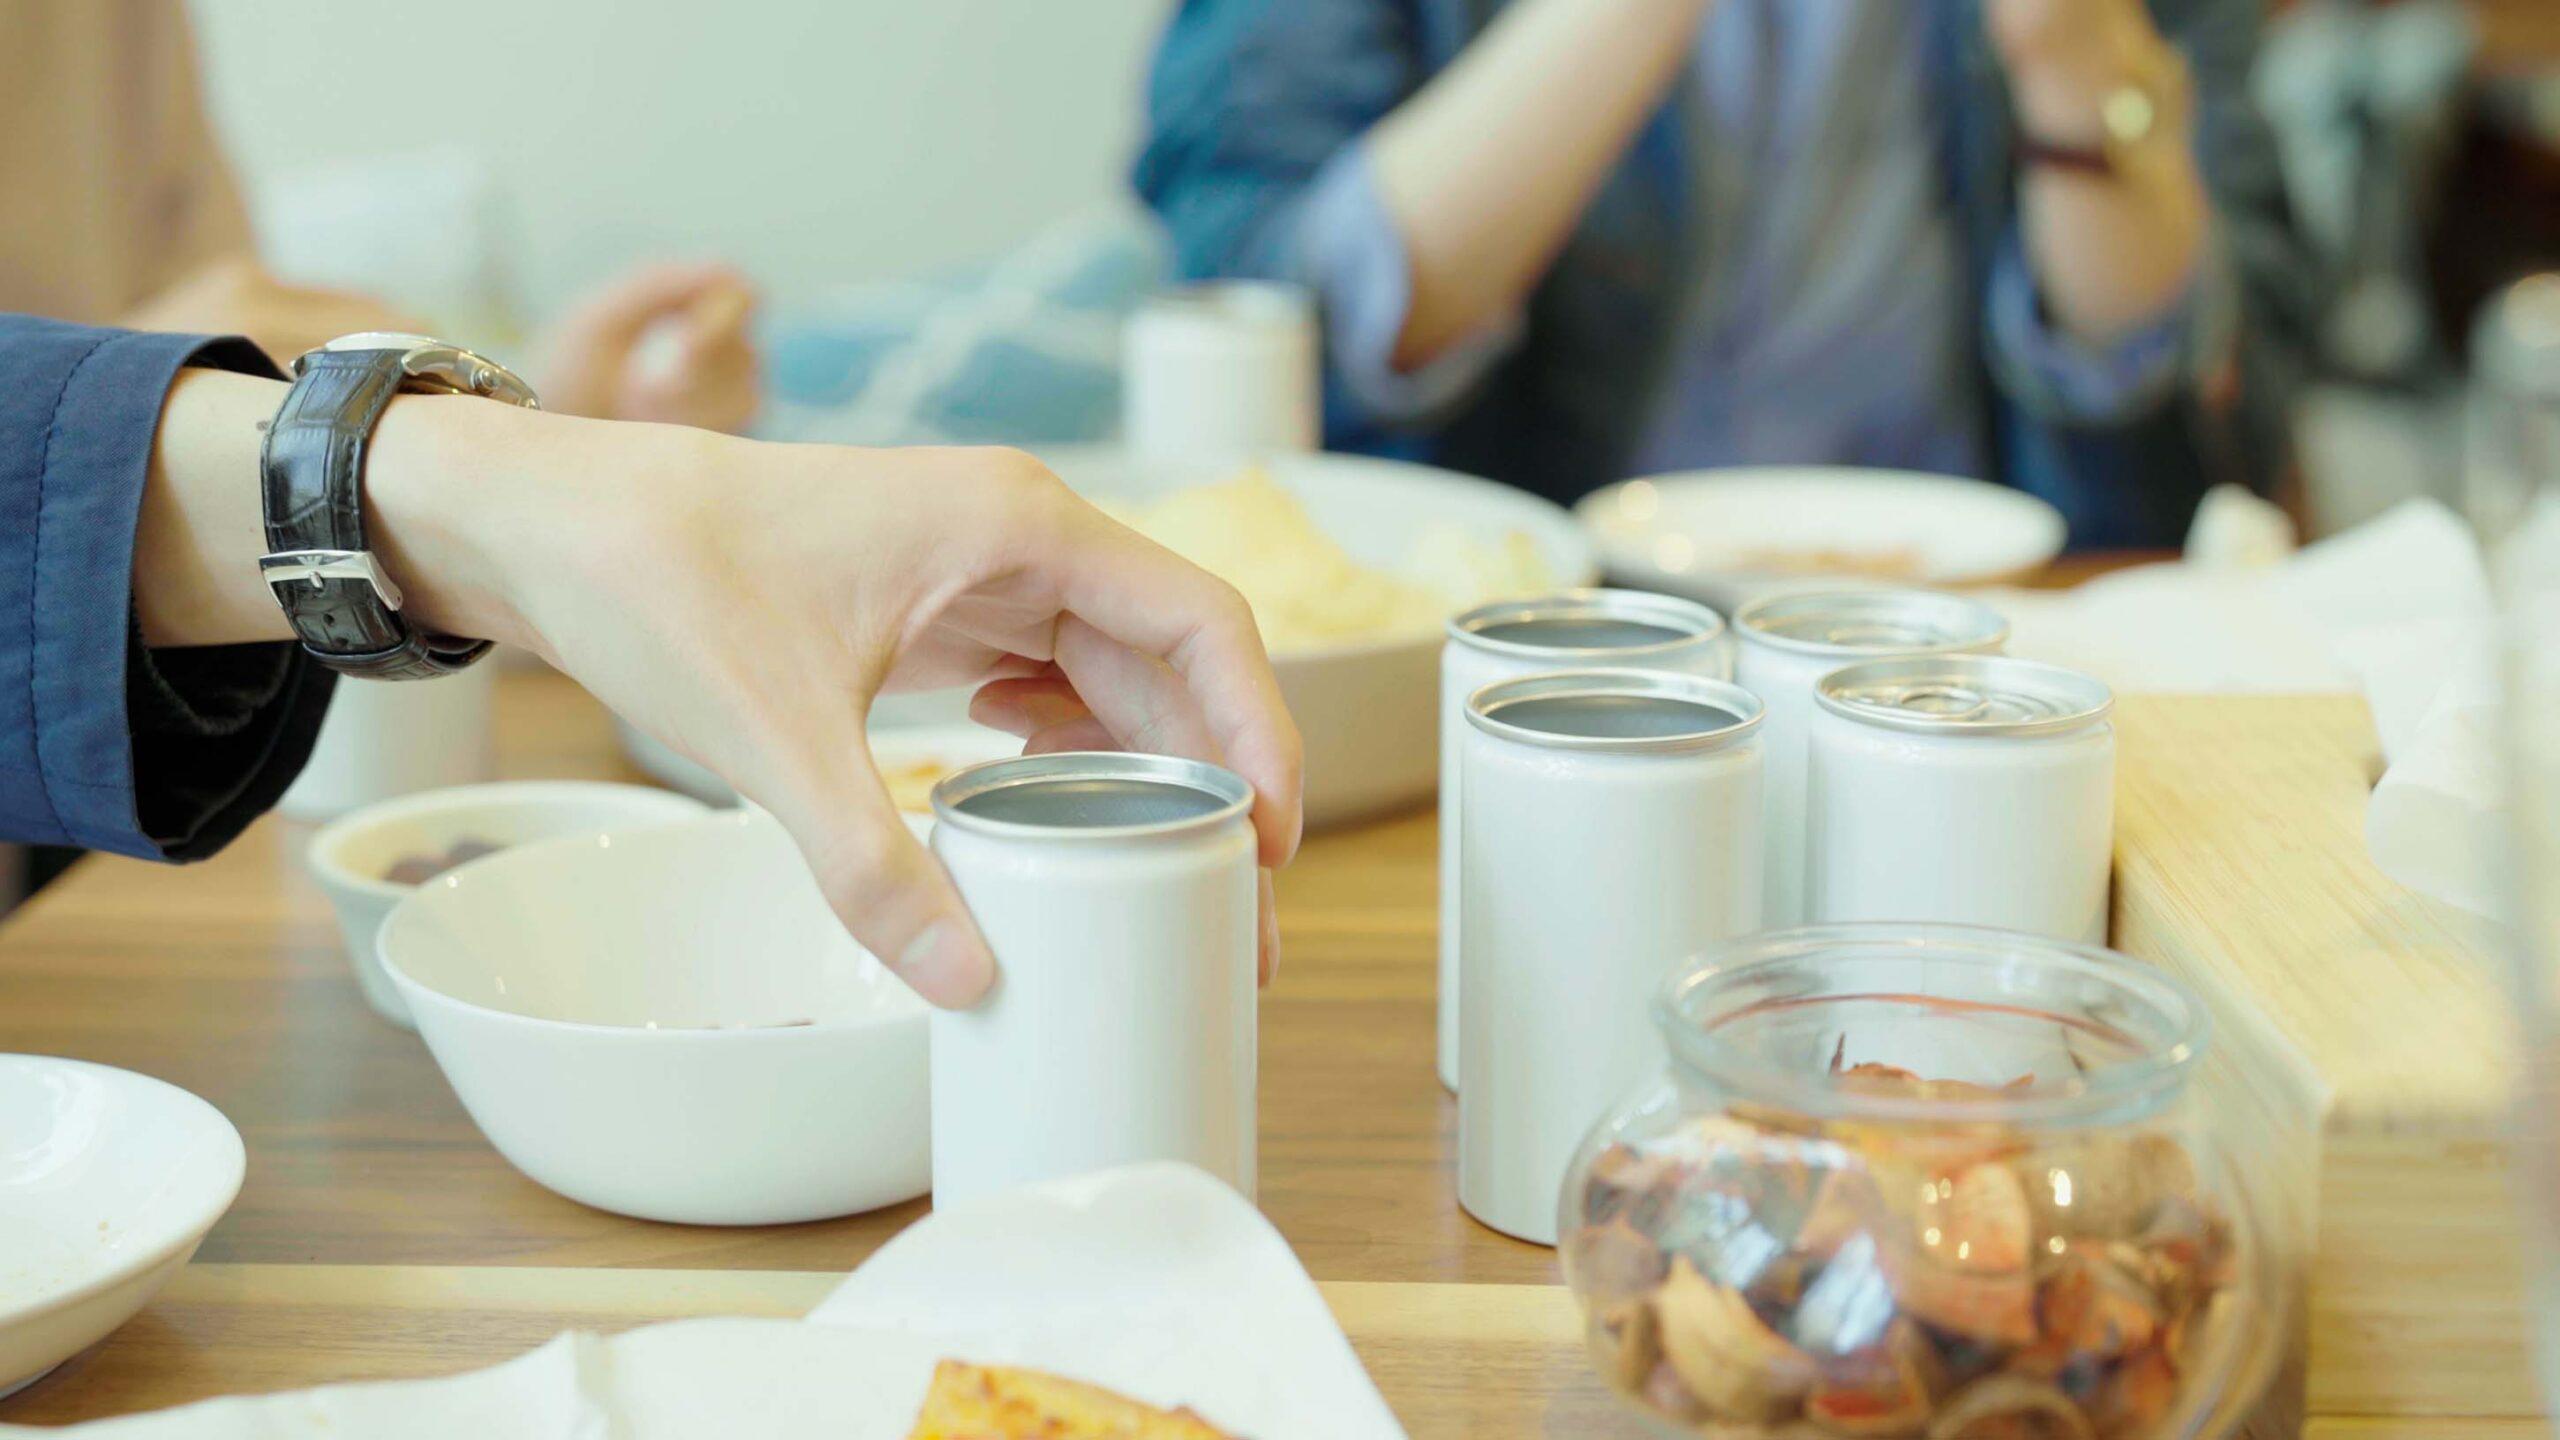 【新商品】全国の優良銘柄を造る蔵元が集結。日本酒「一合缶®」10缶飲み比べセットが新登場!